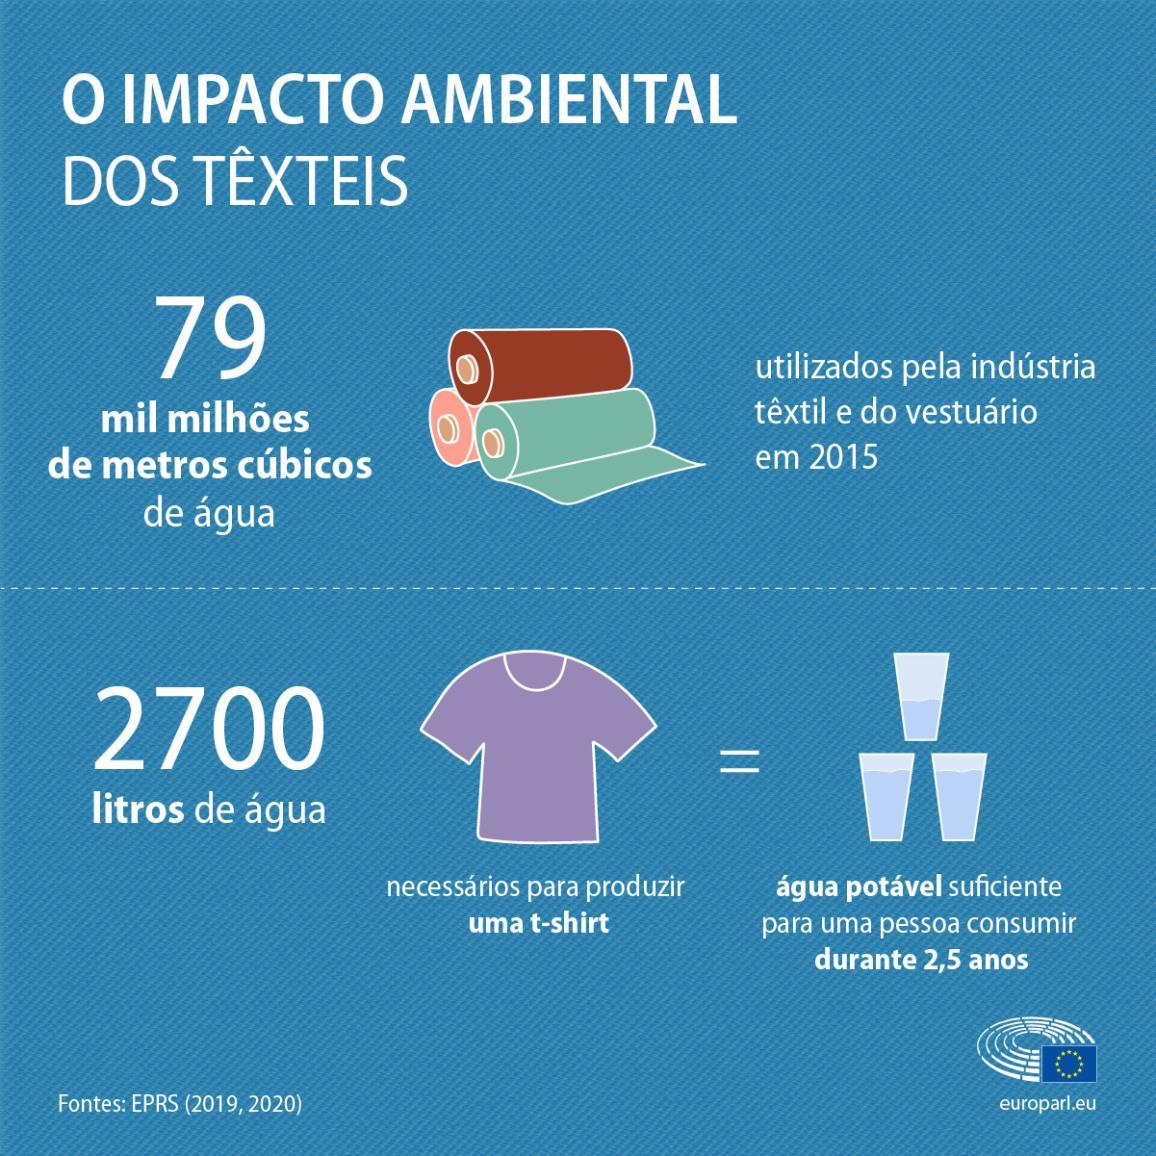 Uma infografia com factos e números sobre a utilização da água na produção têxtil